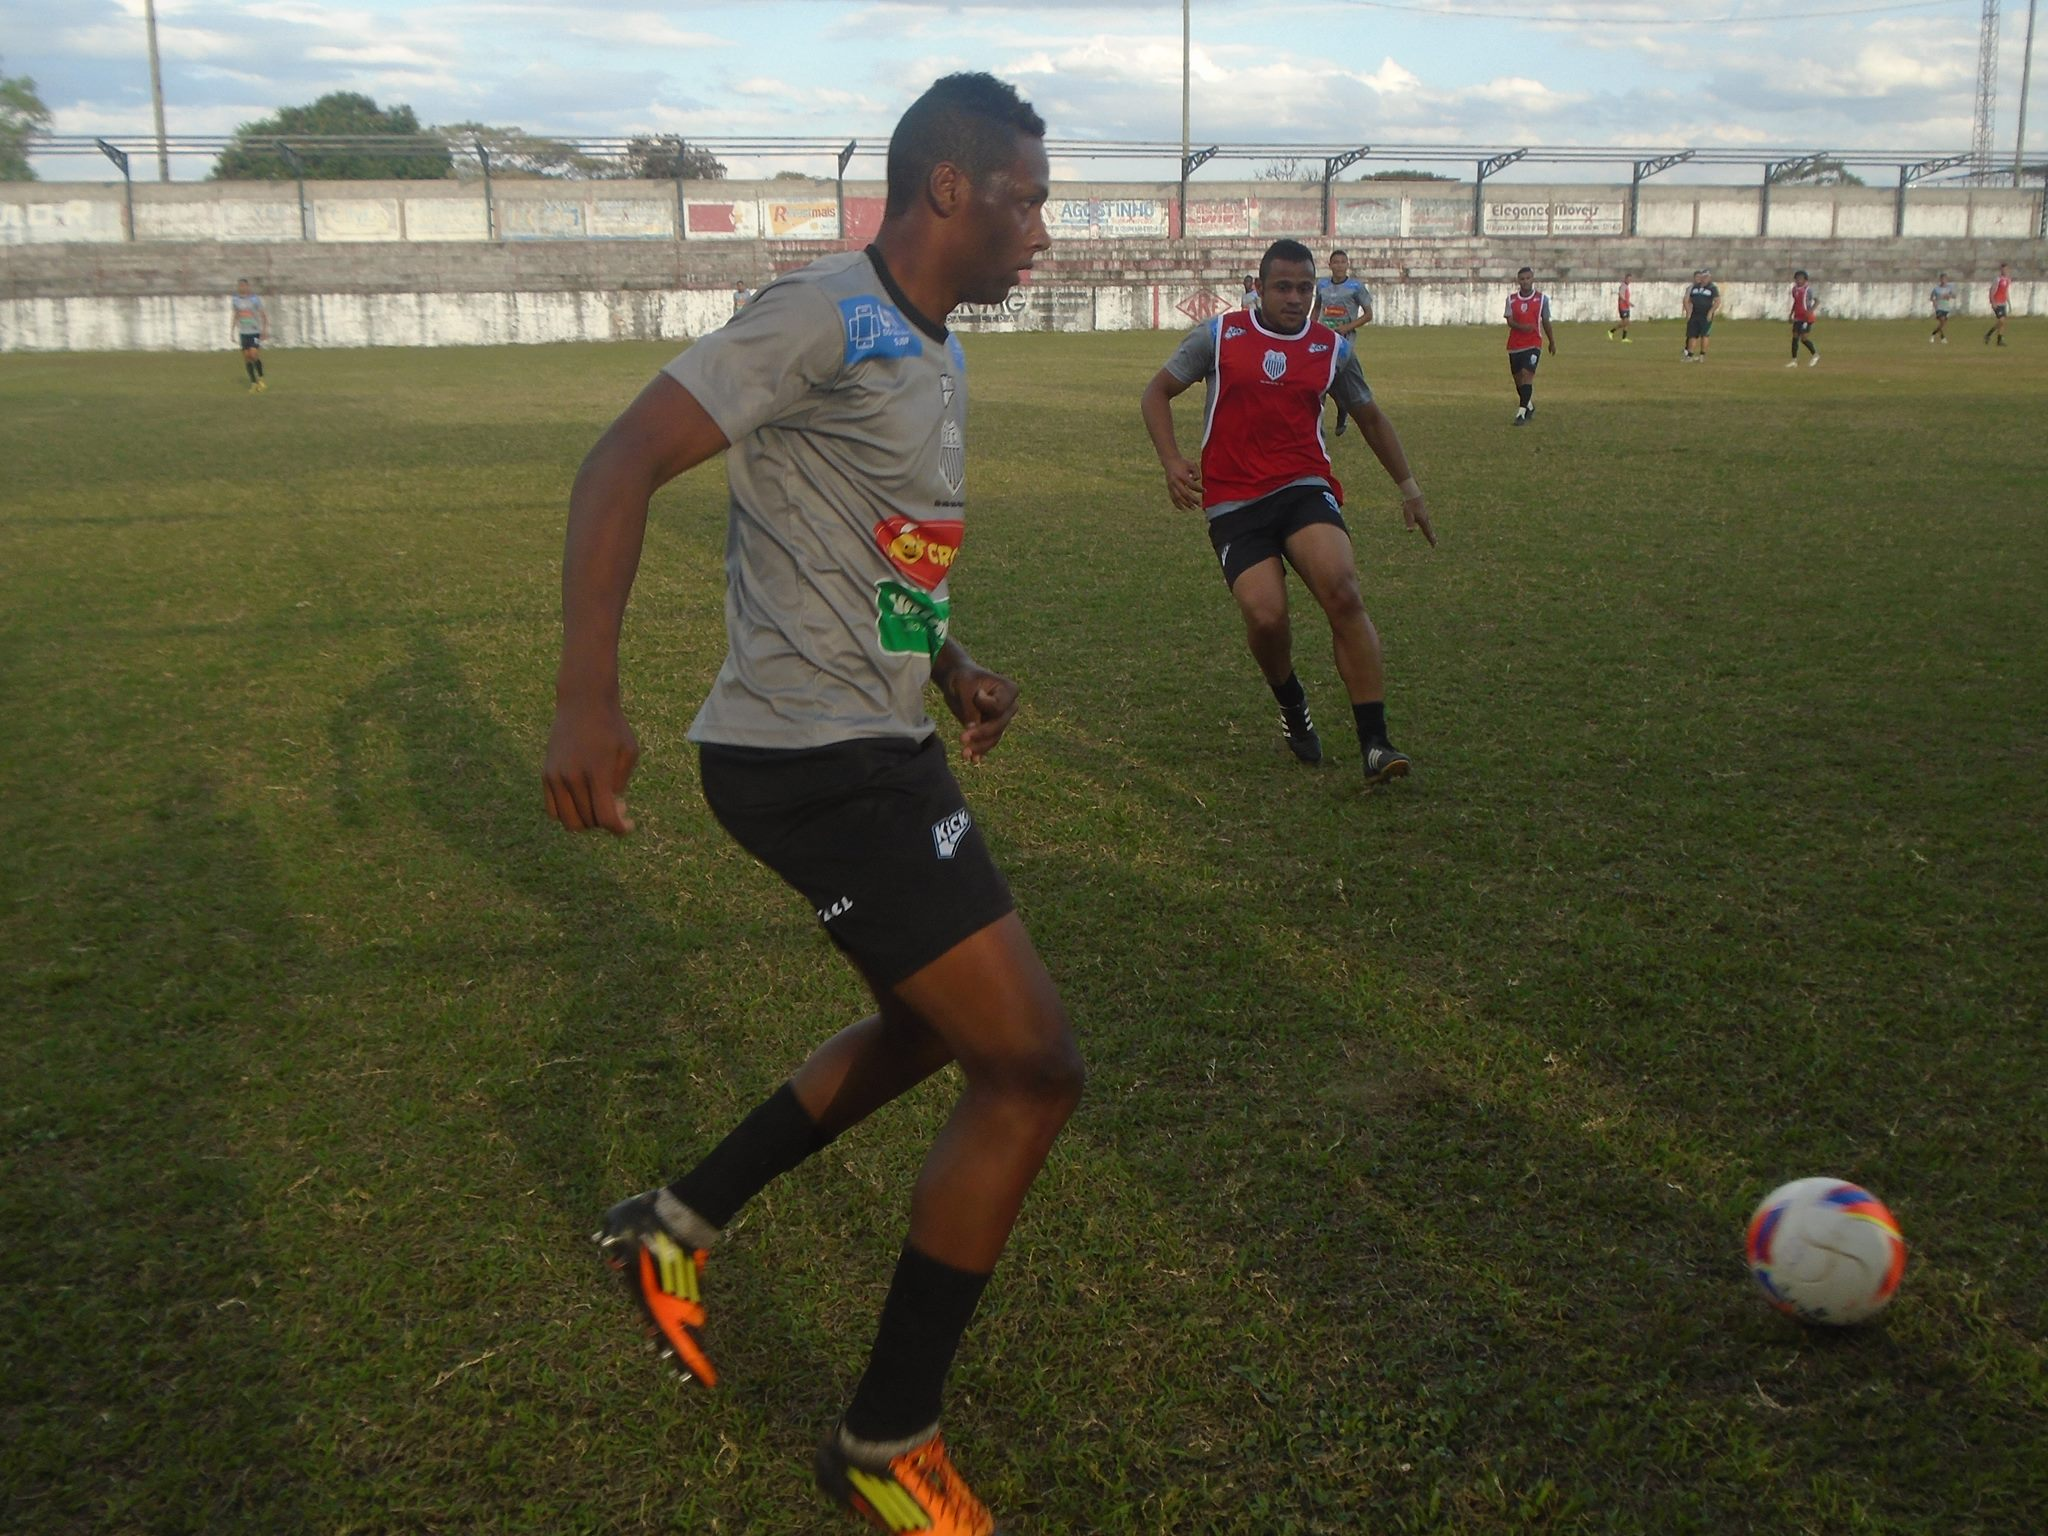 Jogadores durante o treino de reconhecimento no estádio Ely Araujo